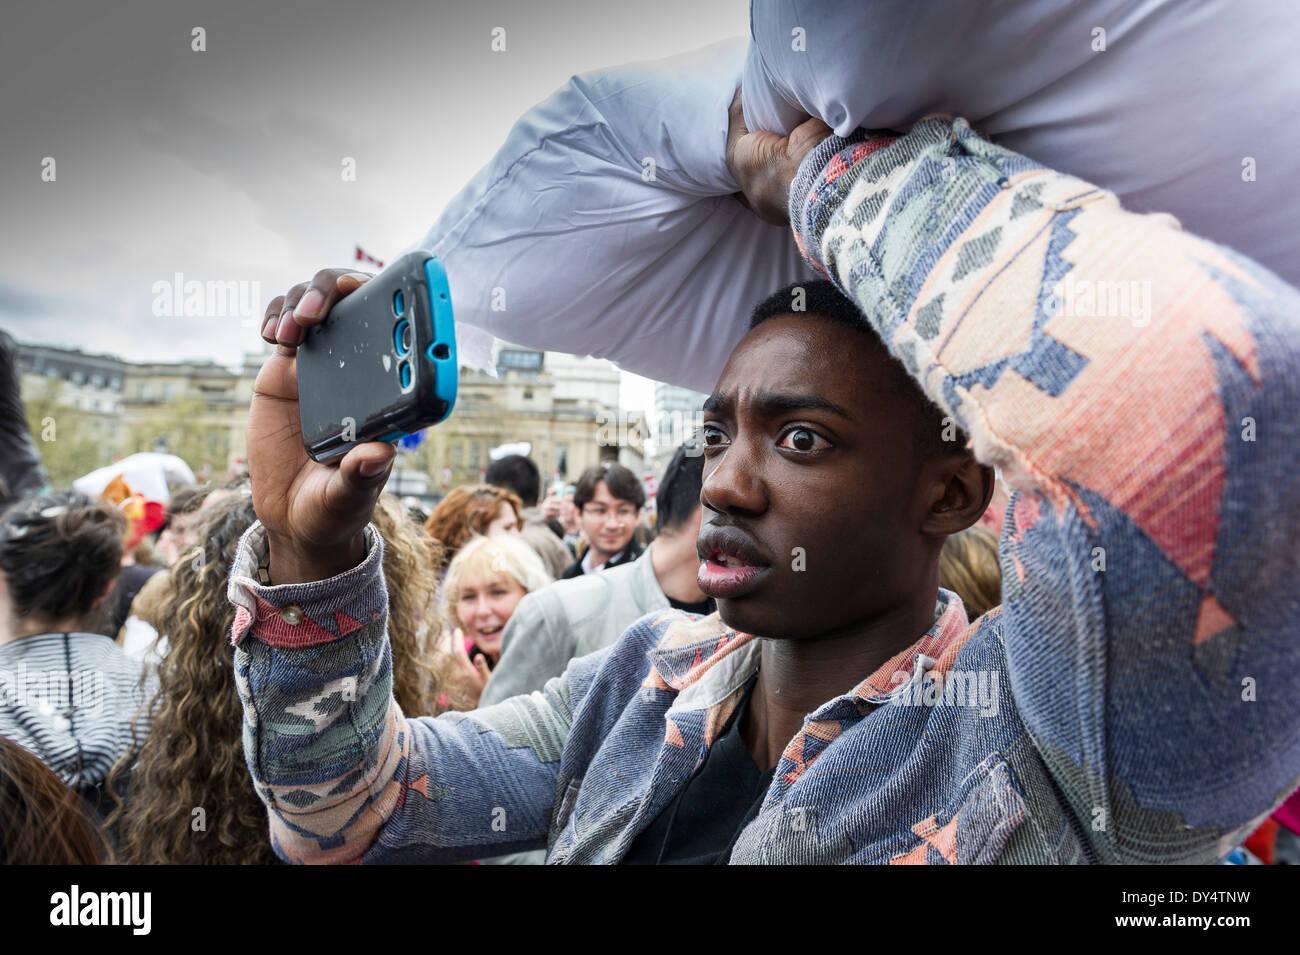 Ein besorgt aussehender Mann dabei, International Pillow Fight Day teilnehmen. Stockbild